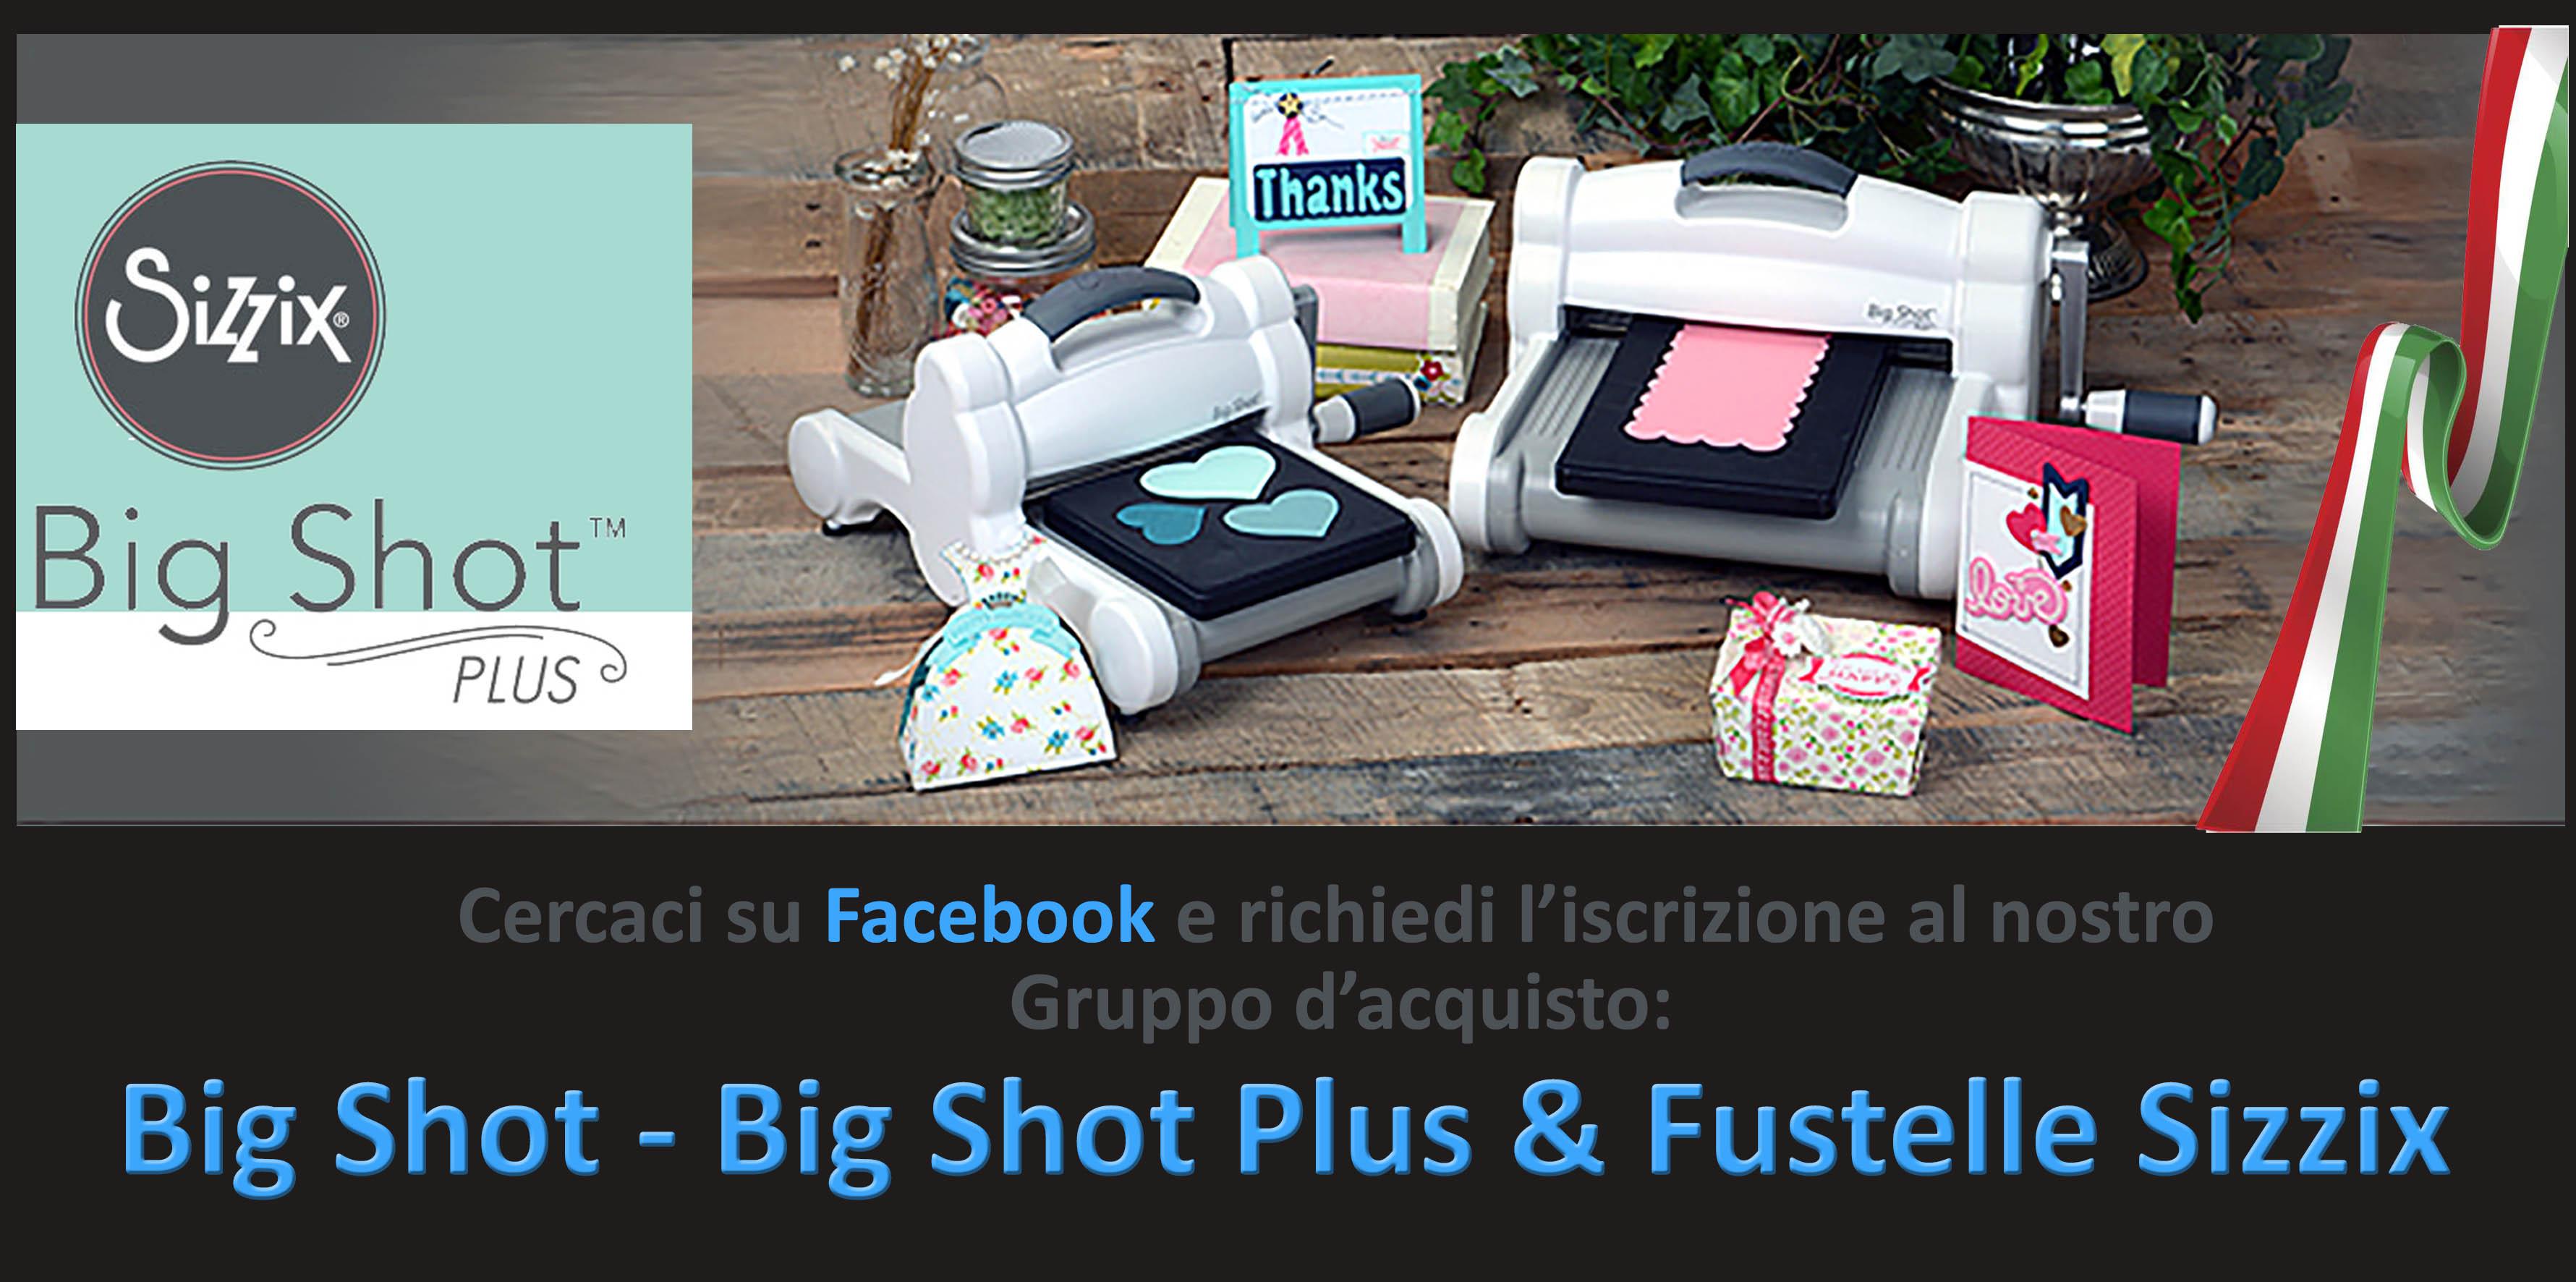 Gruppo d'acquisto facebook